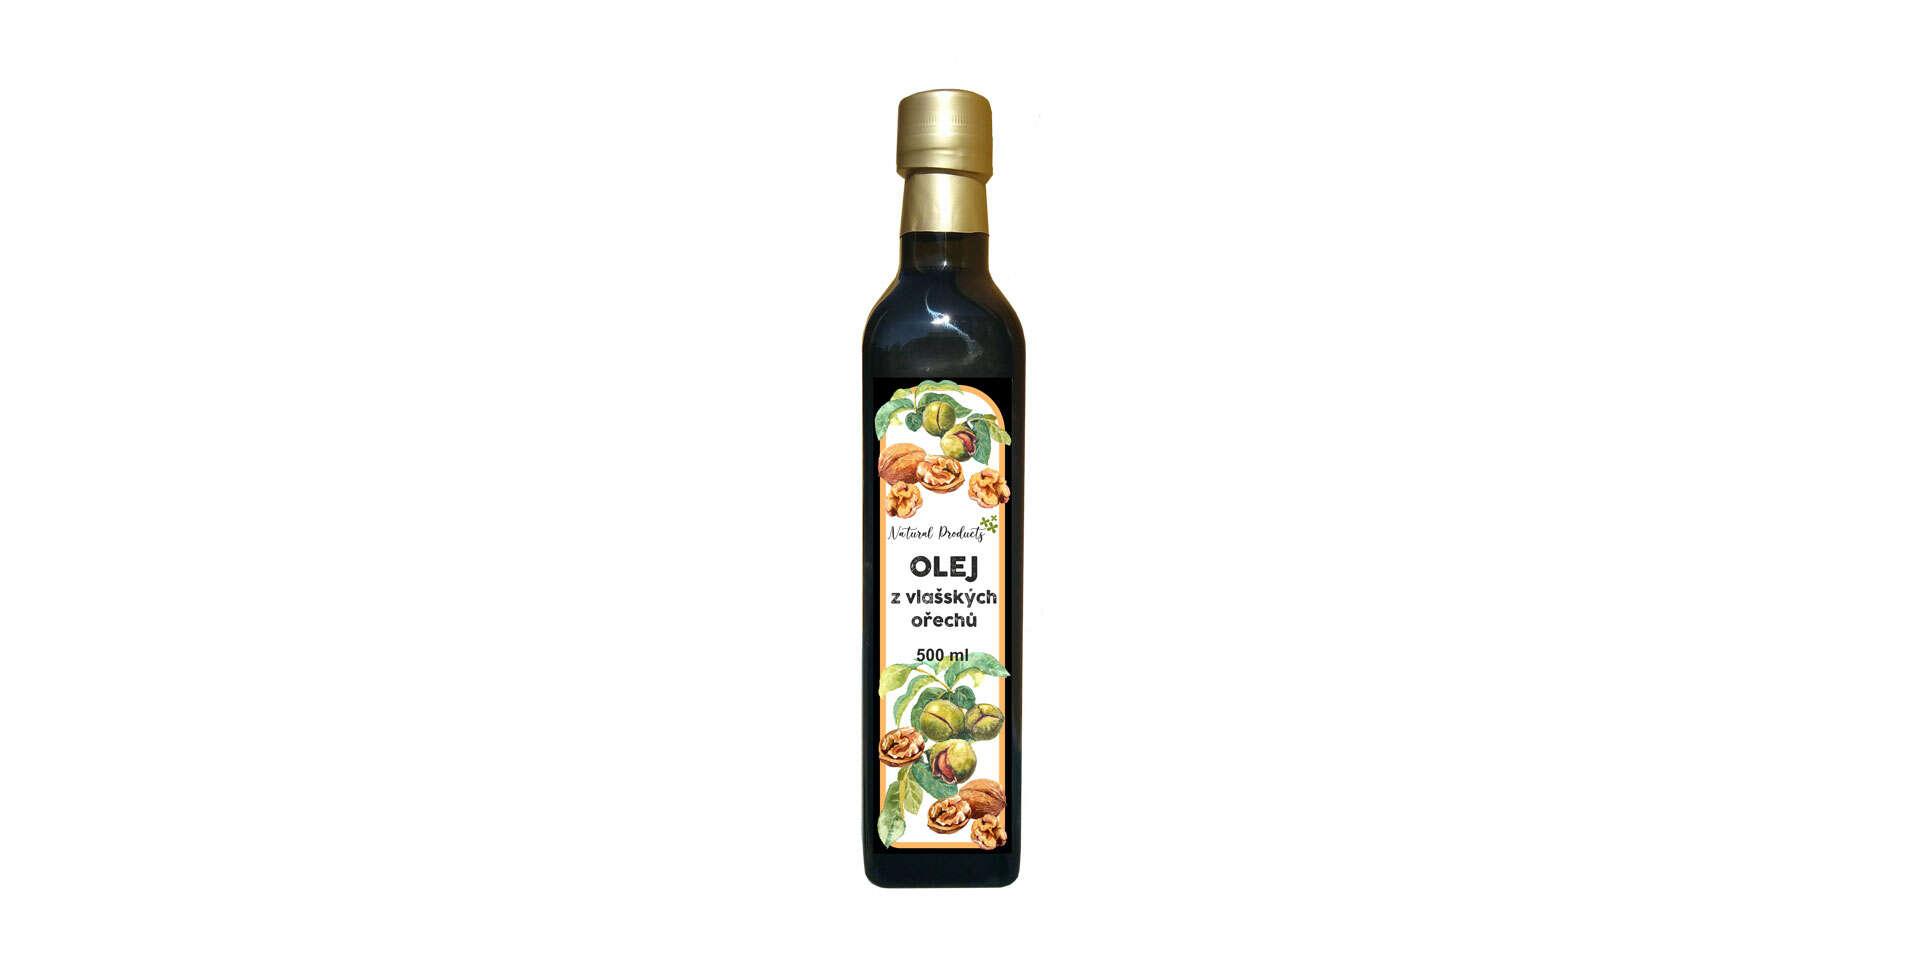 Oleje vyrobené v Čechách - makový, mandľový, tekvicový, sezamo...